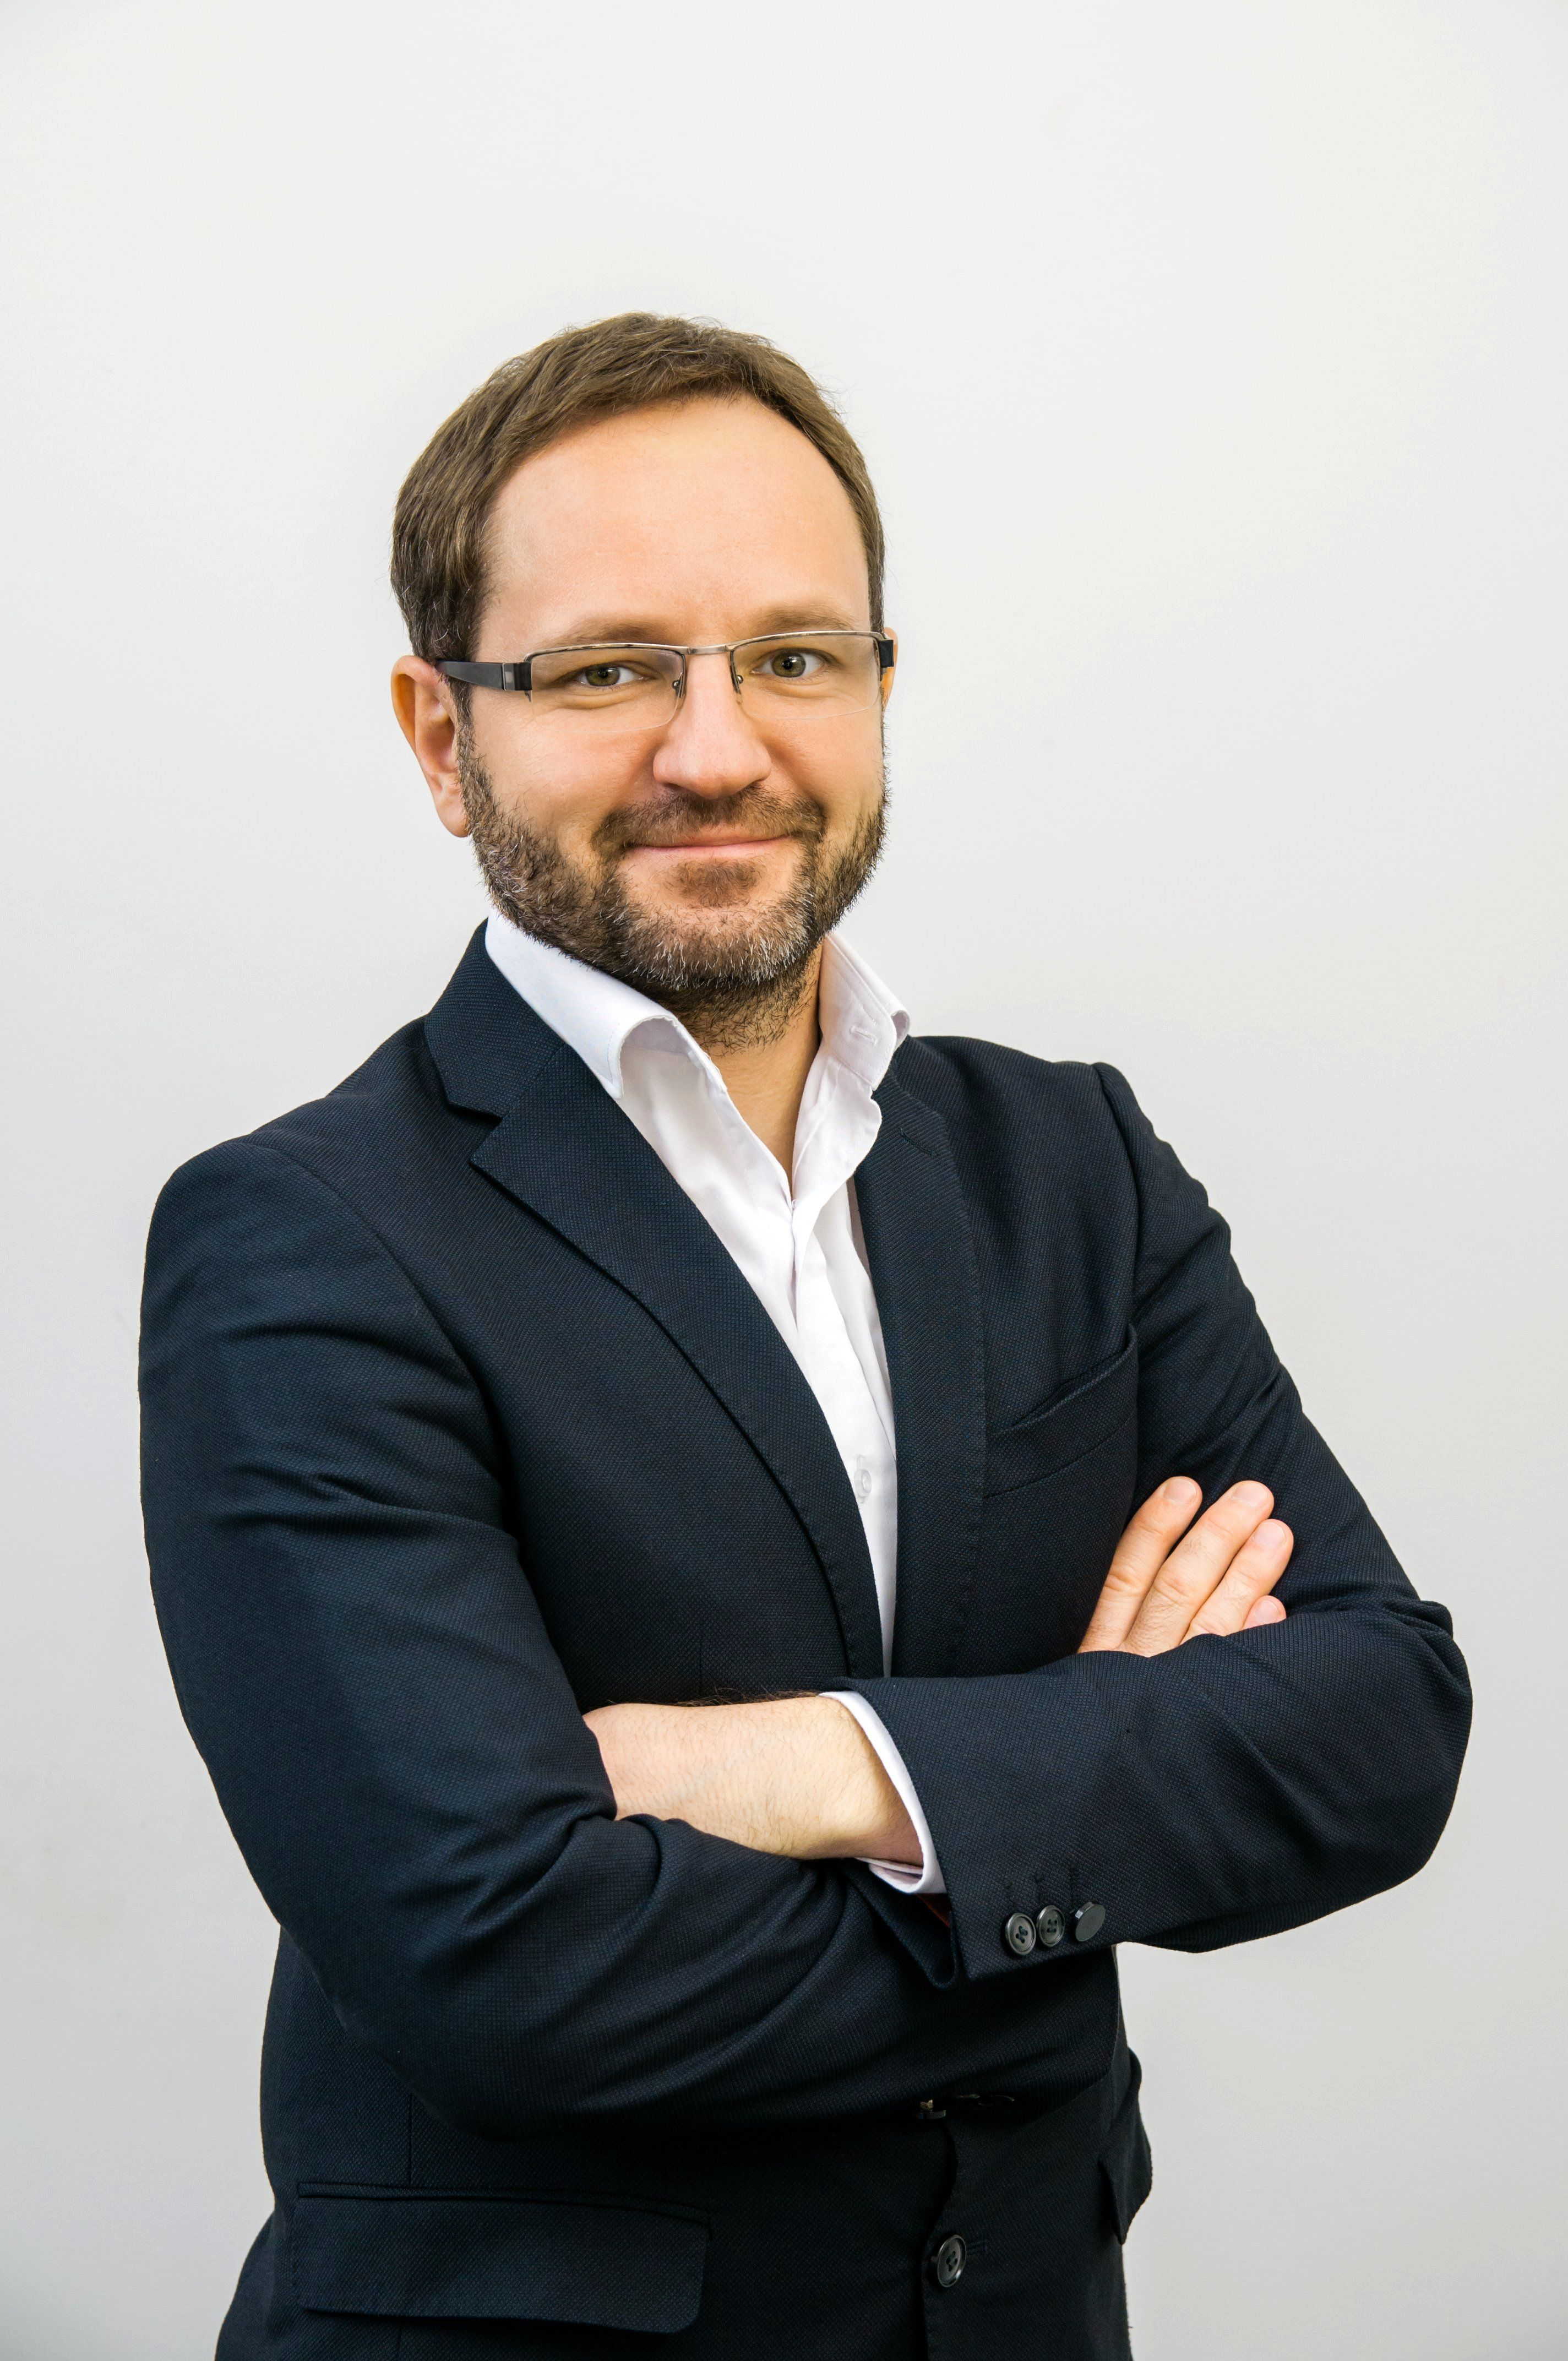 Karol Sudnik ocenia, że należy zwracać uwagę na wszystkie technologie związane z automatyzacją oraz robotyzacją procesów biznesowych.